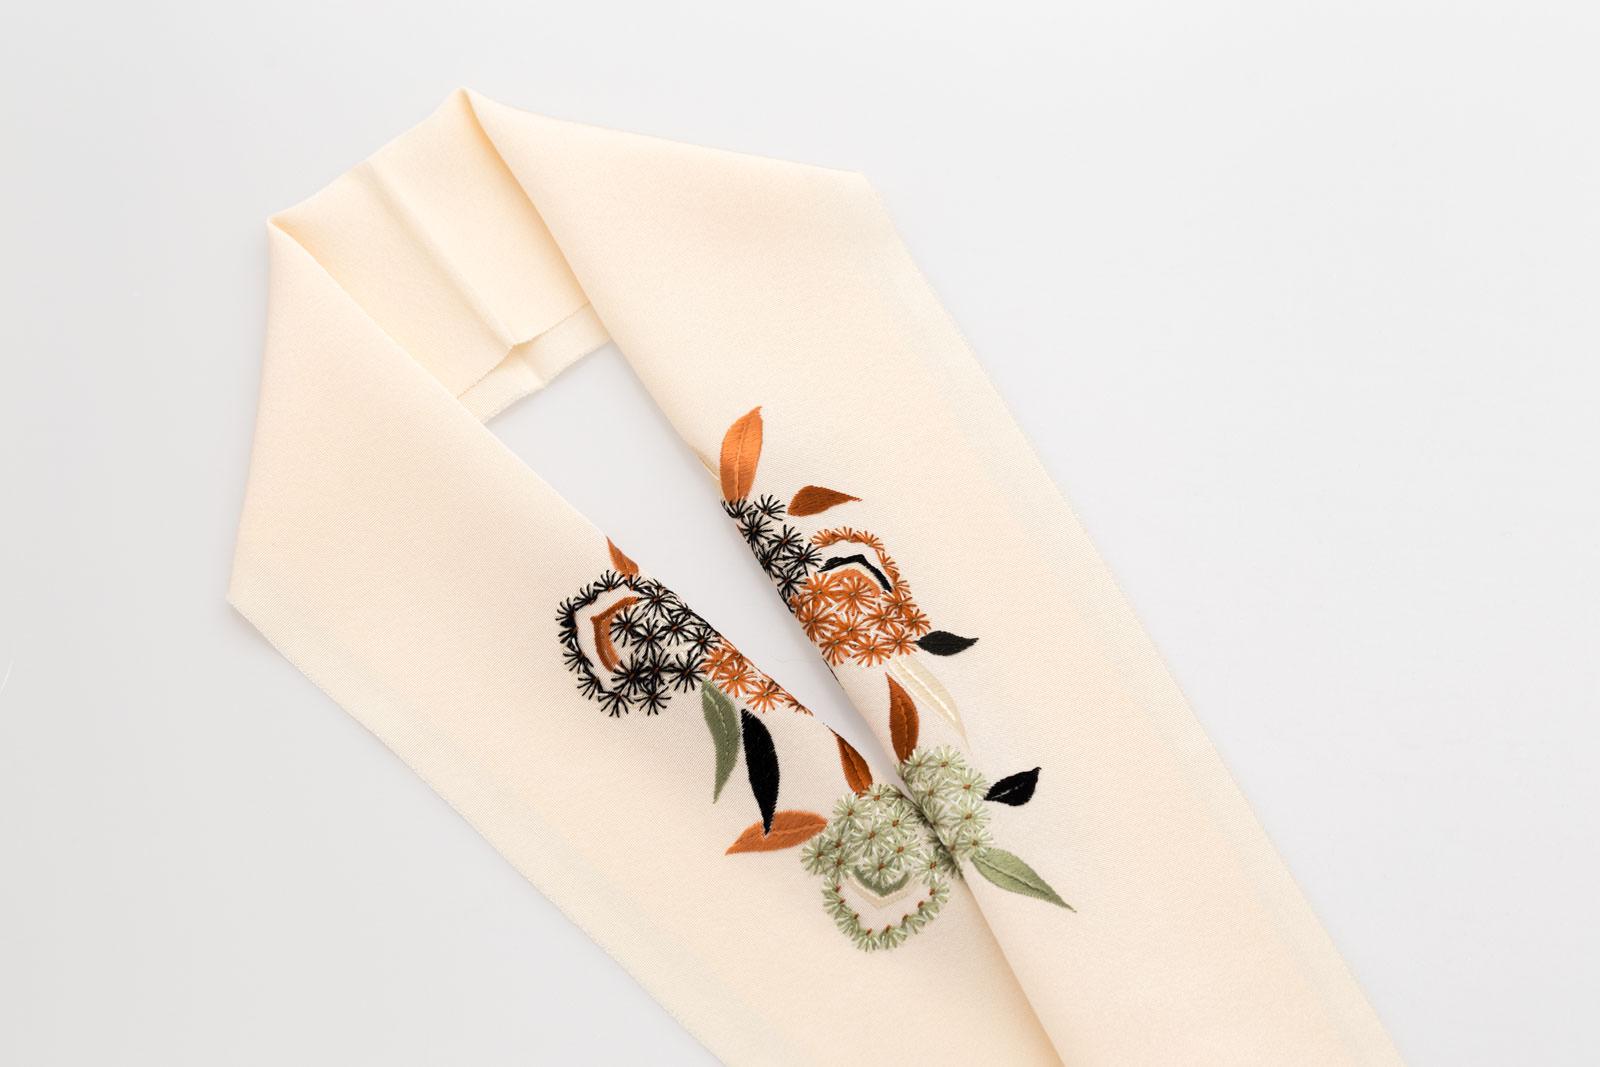 手刺繍 半襟 パールトーン加工済 シルク100% 塩瀬 手刺繍 半衿 鳥の子色 毬栗